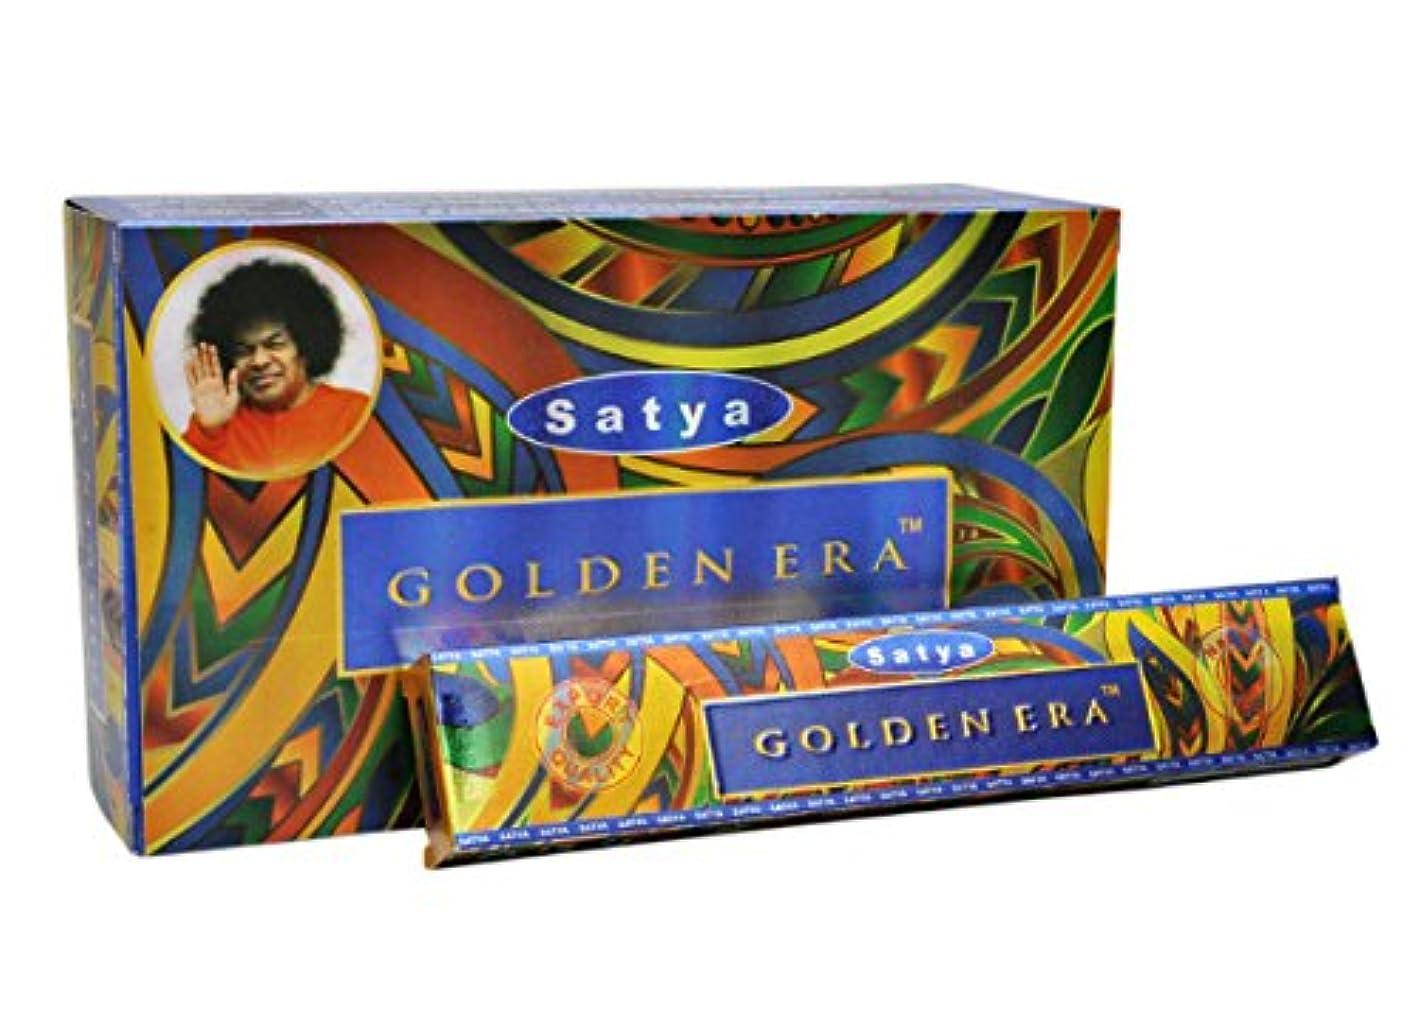 マイクロ含める南アメリカSatya Golden Era Incense Sticks 15グラムパック、12カウントin aボックス